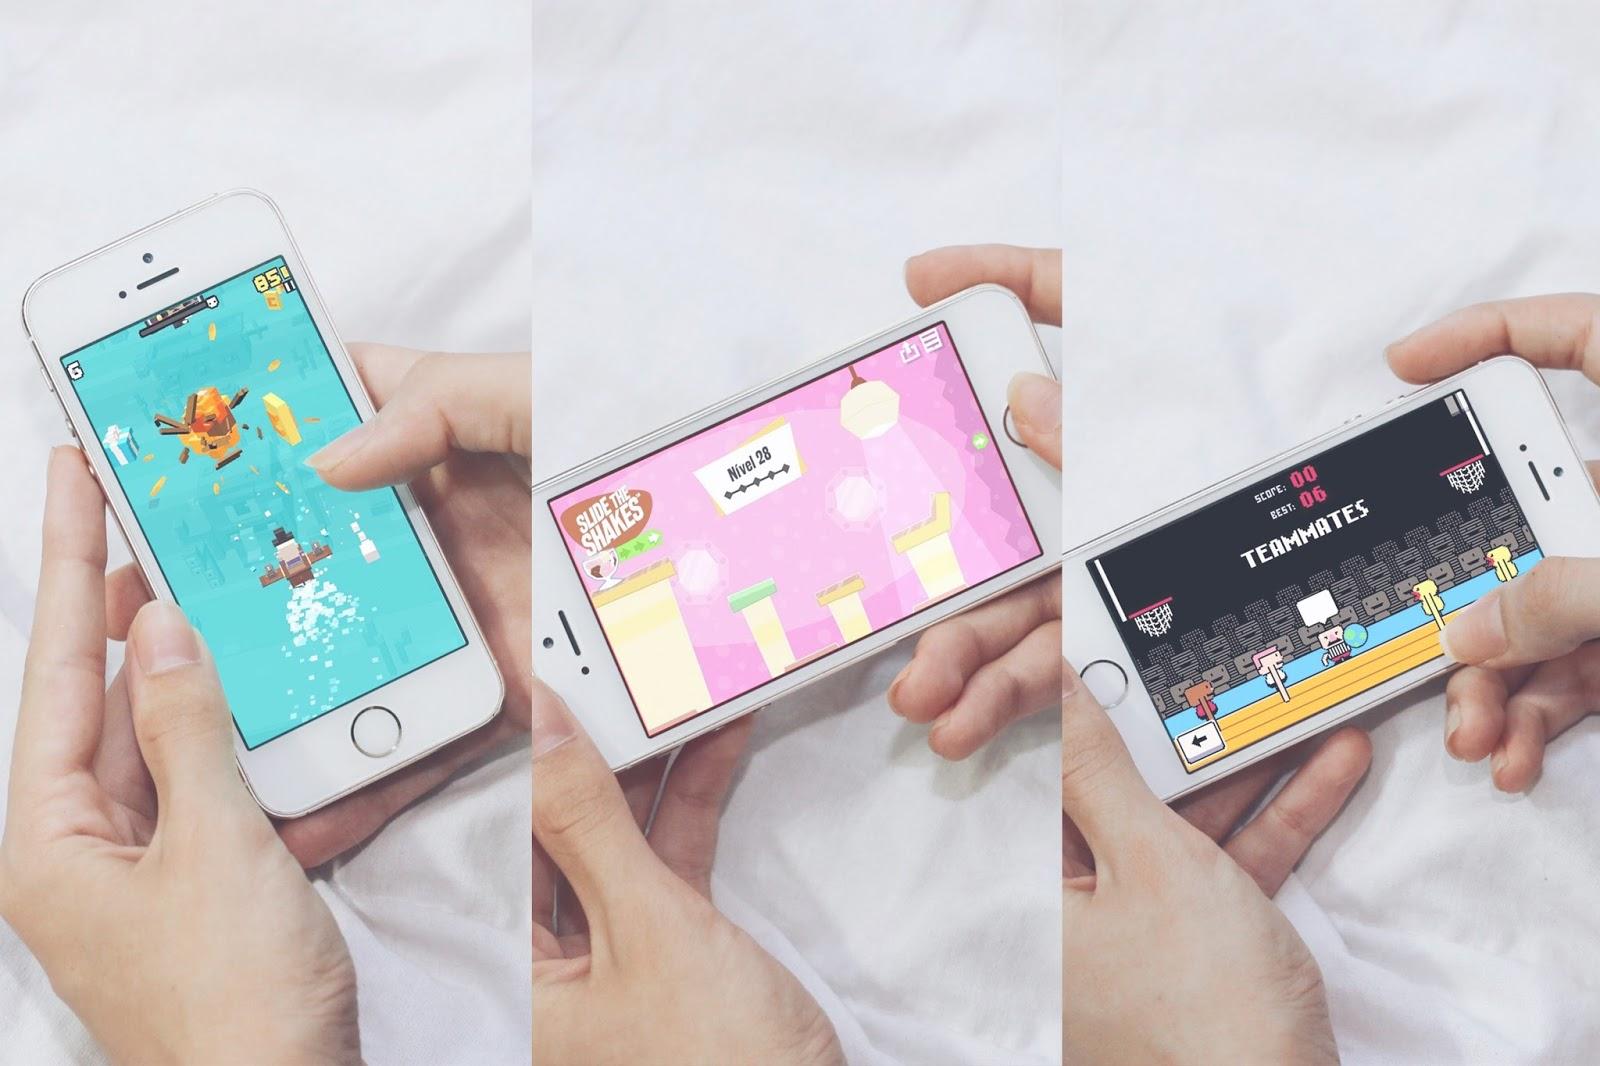 joguinhos-viciantes-para-celular-android-iphone